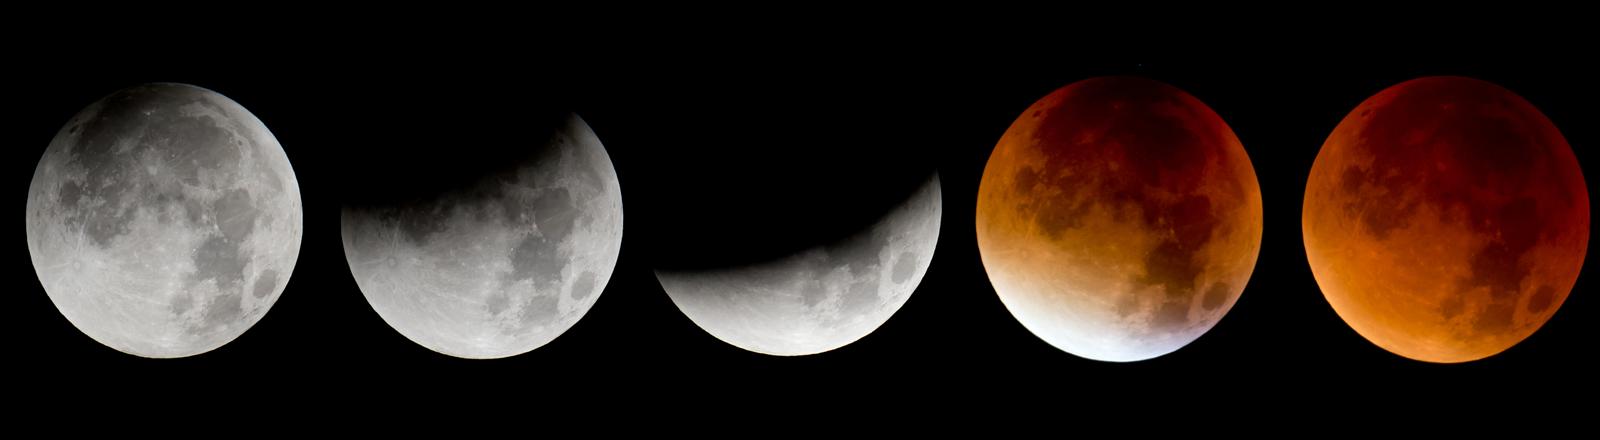 Die Phasen einer totalen Mondfinsternis in 21 Schritten von Vollmond über Verdunkelung und Blutmond wieder zurück zum Vollmond.